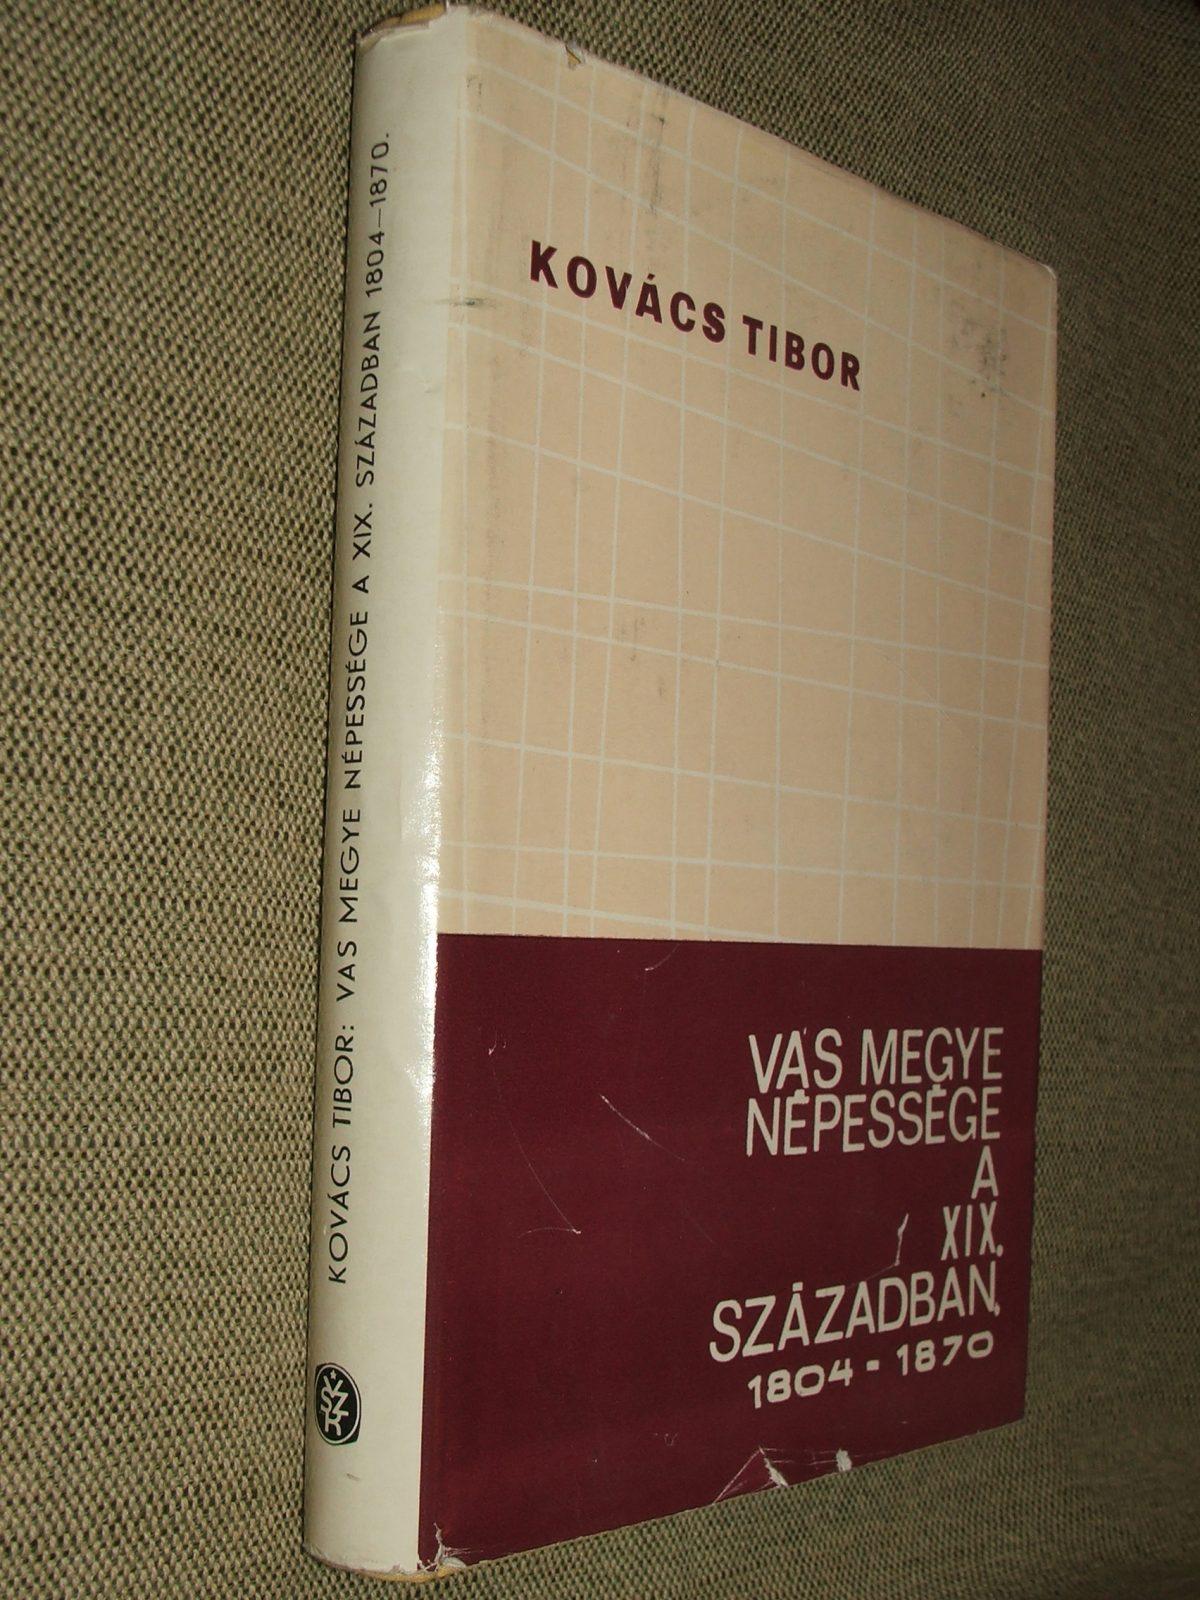 KOVÁCS Tibor: Vas megye népessége a XIX. században 1804-1870